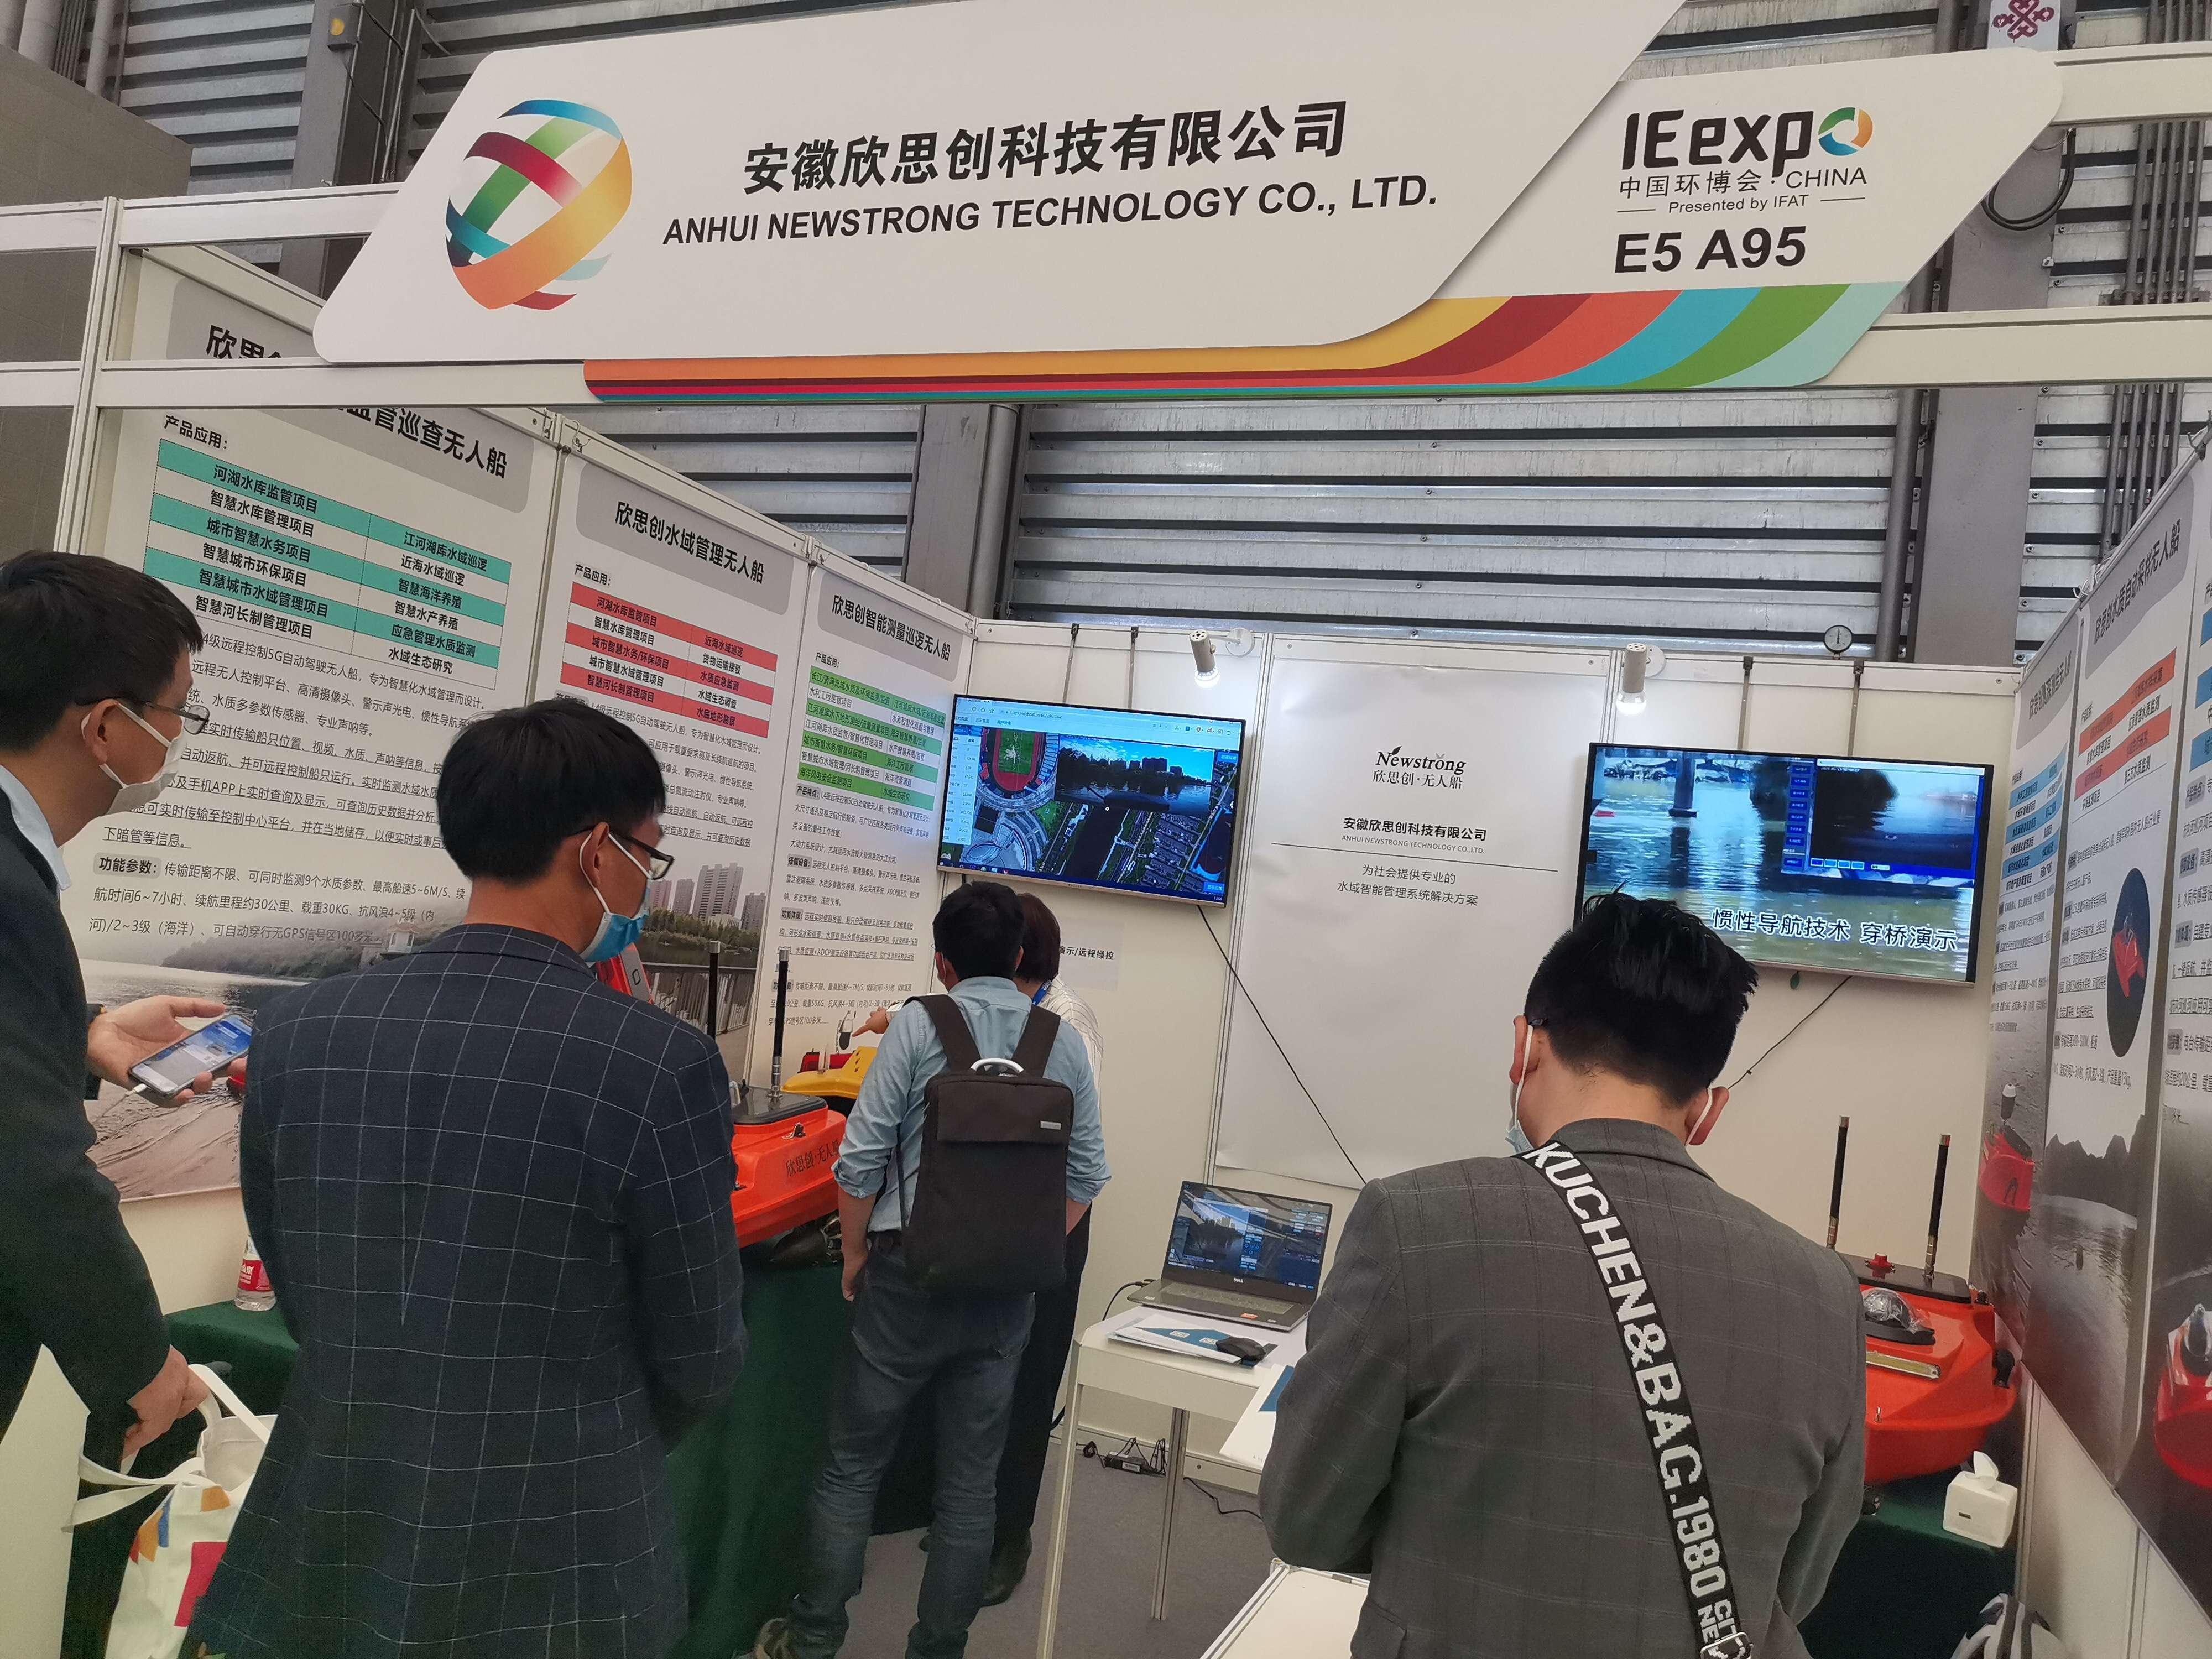 欣思创:为国内外市场提供高品质的人工智能无人船平台产品